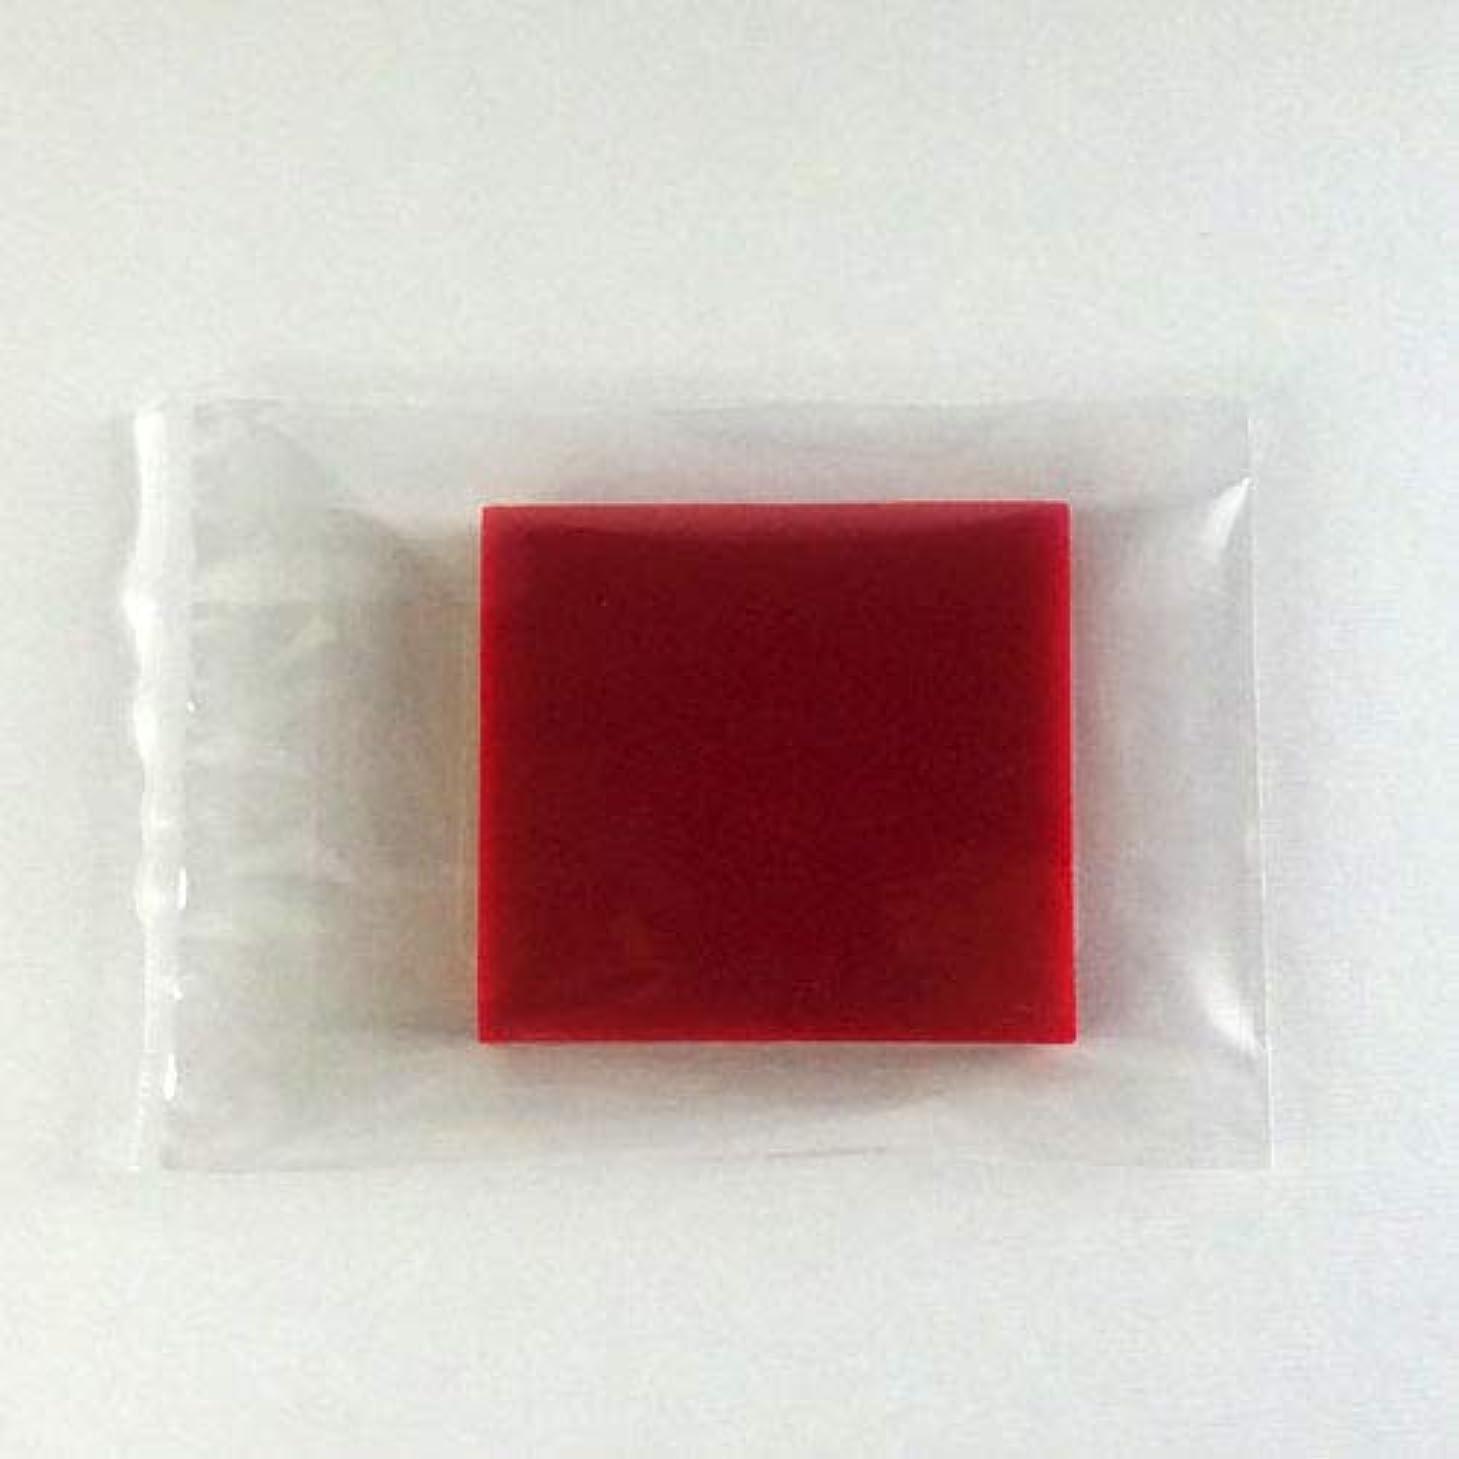 クライアントバスケットボールねじれグリセリンソープ MPソープ 色チップ 赤(レッド) 60g(30g x 2pc)